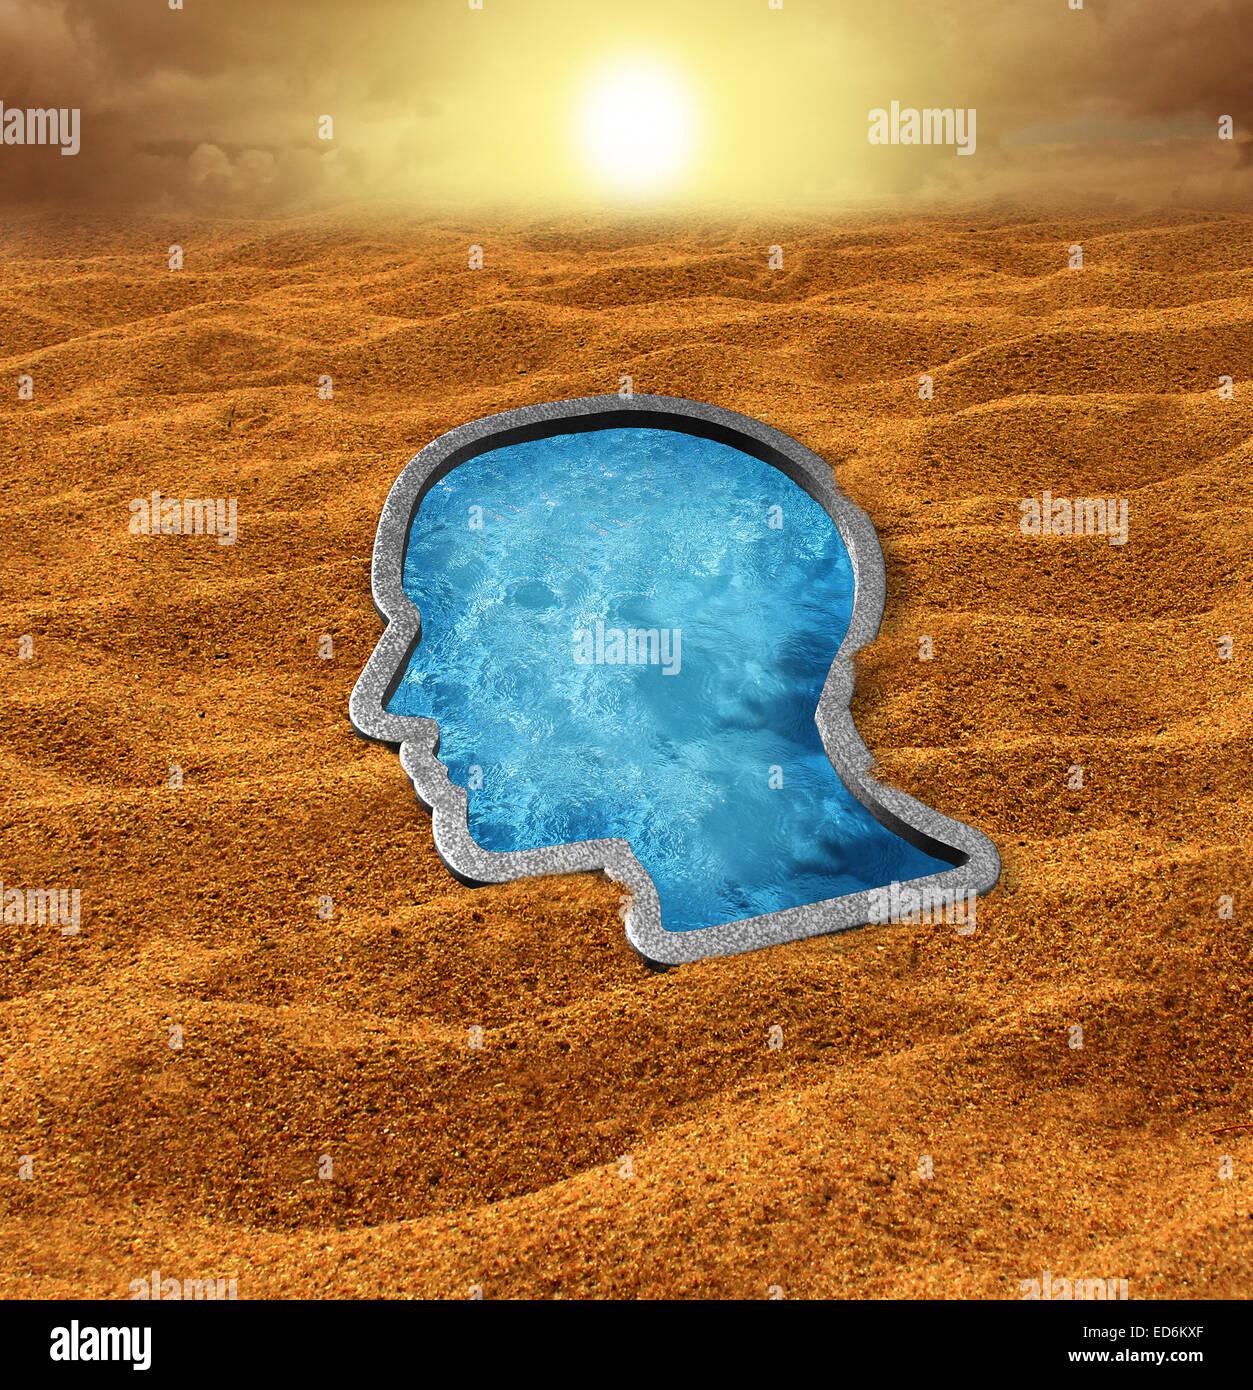 Menschliche Hoffnung Konzept als eine trockene heiße Wüste mit einer kühlen Swimming Pool-Oase als Stockbild